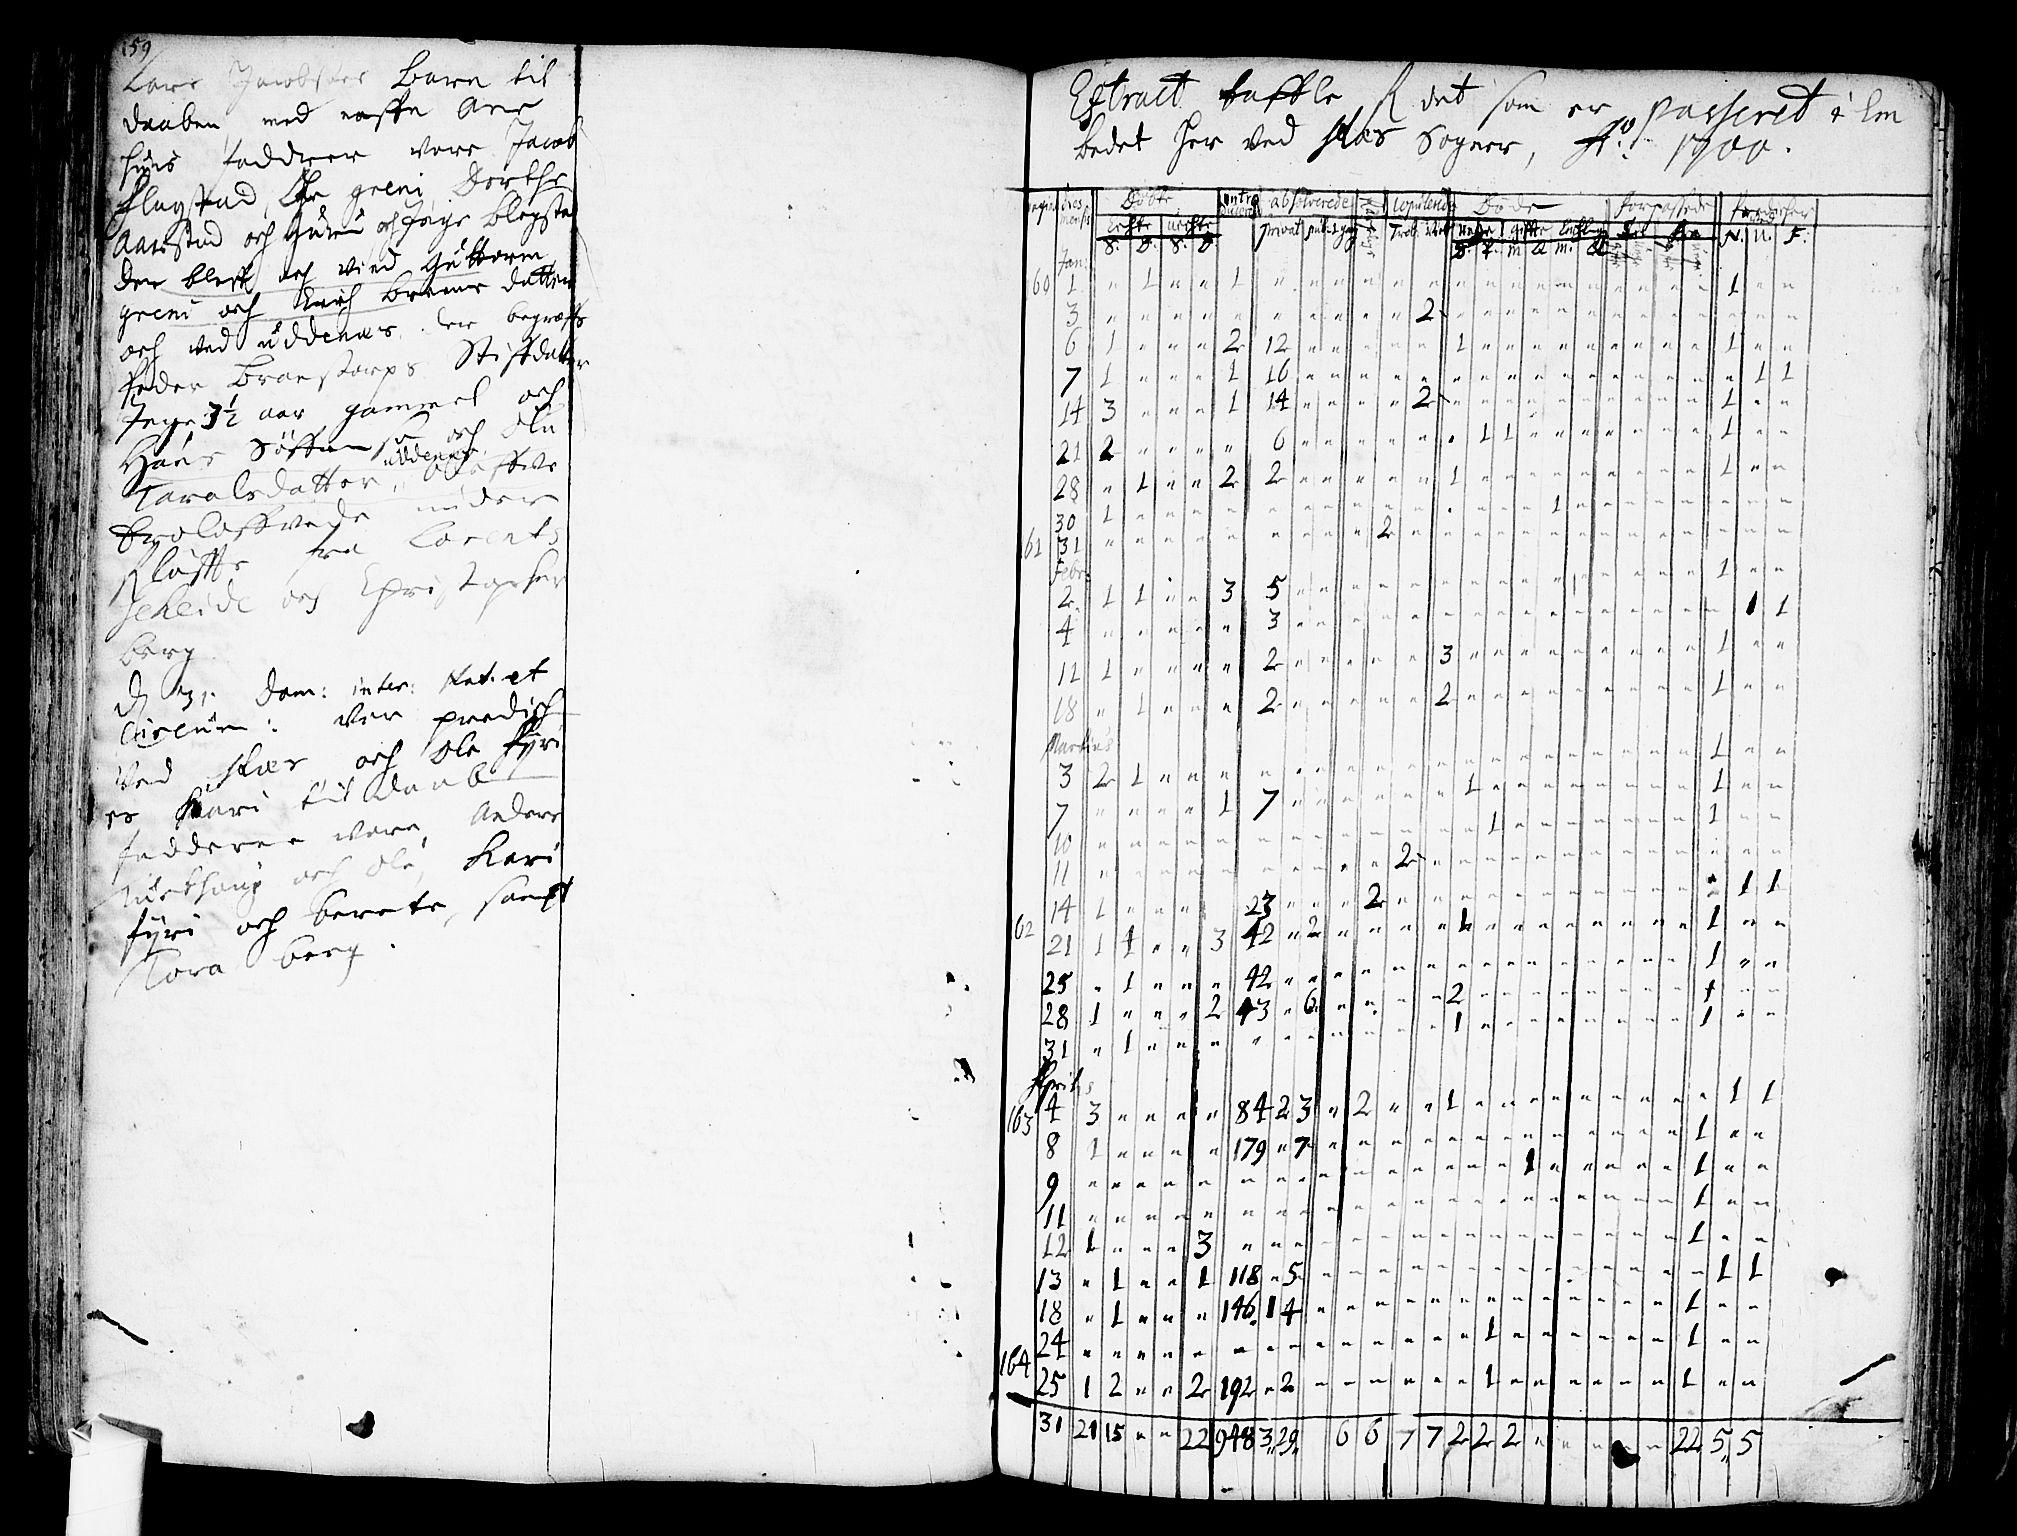 SAO, Nes prestekontor Kirkebøker, F/Fa/L0001: Ministerialbok nr. I 1, 1689-1716, s. 159a-159b